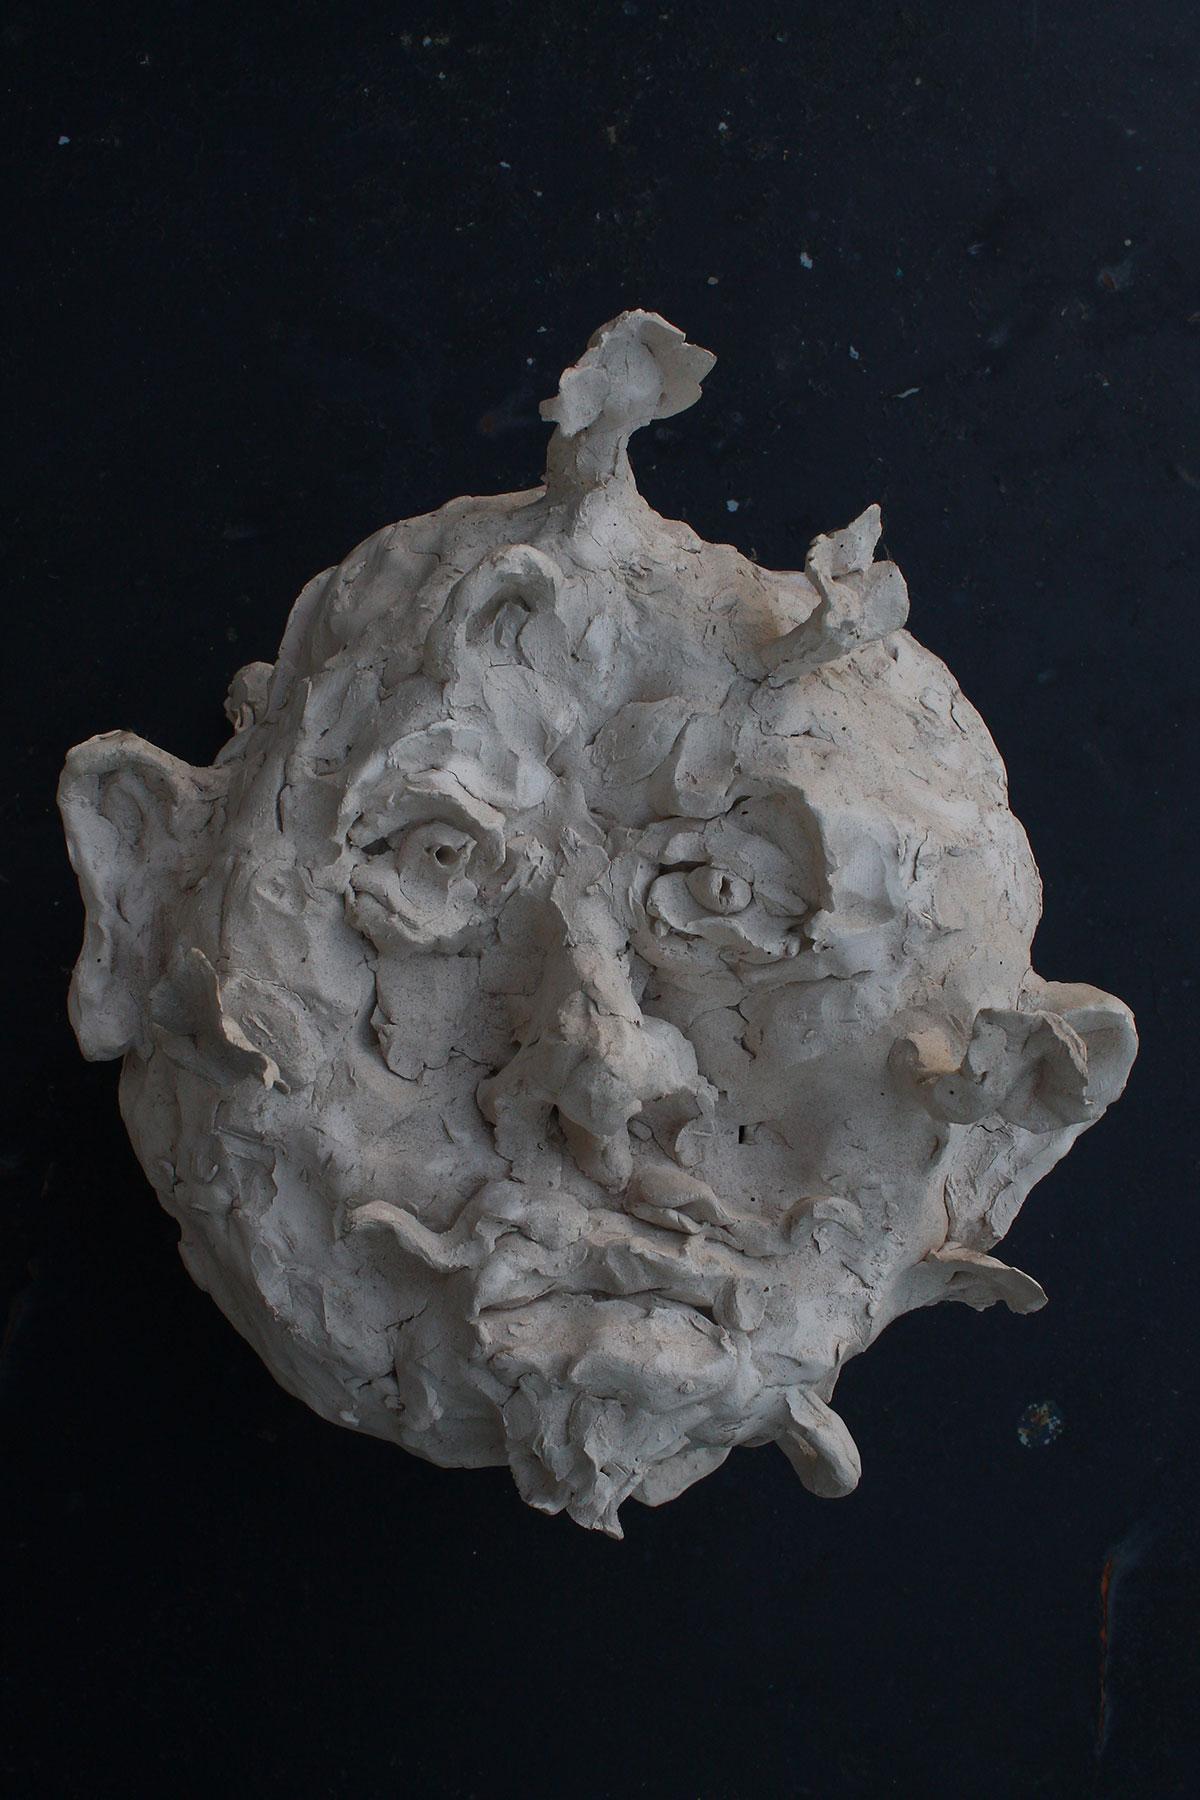 Tête enracinée, 2008, terre cuite, 30 x 20 x 20 cm.